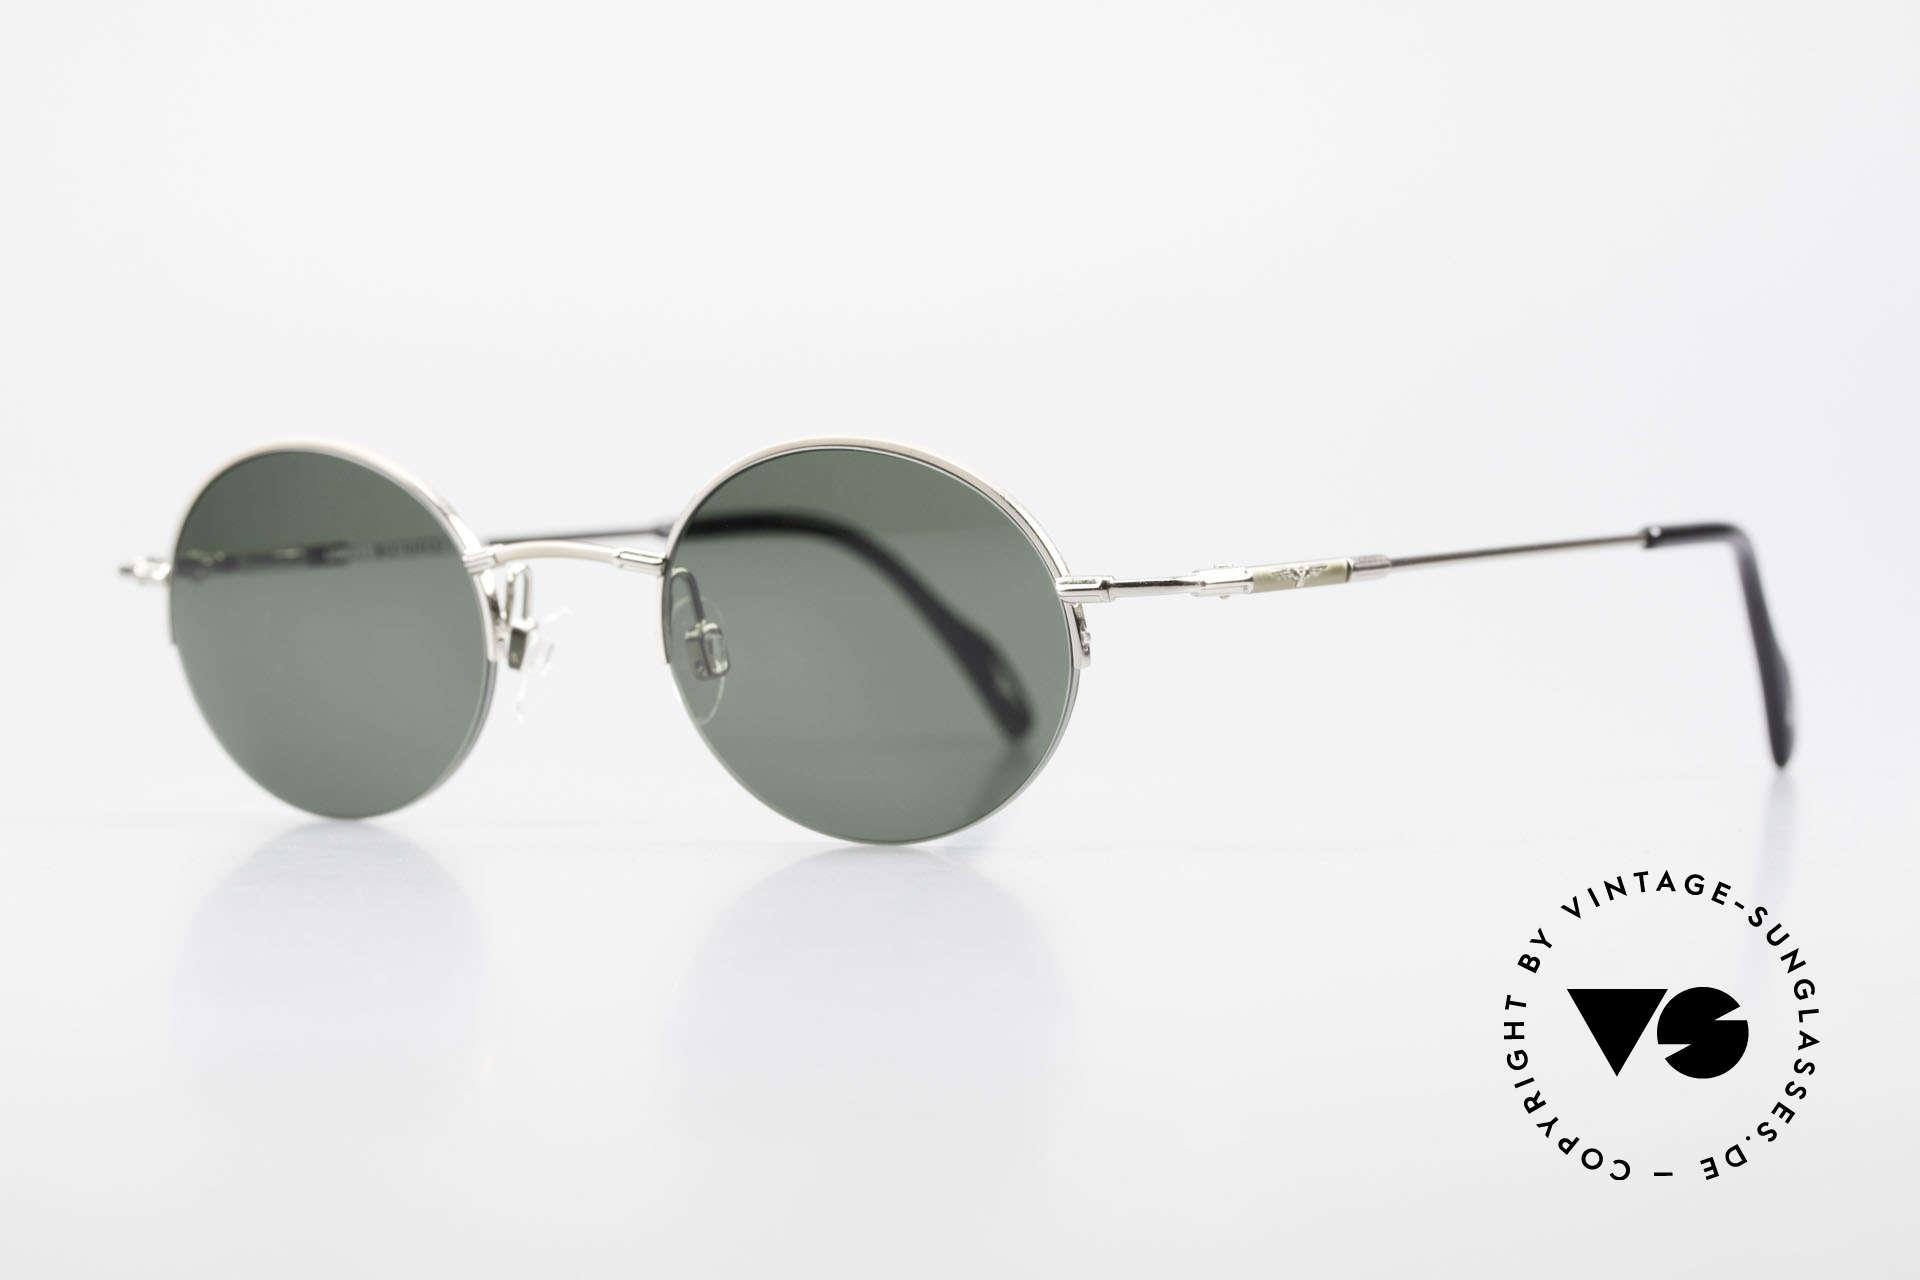 Longines 4363 Rund Ovale Sonnenbrille 90er, die geflügelte Sanduhr als Longines-Logo auf den Bügeln, Passend für Herren und Damen